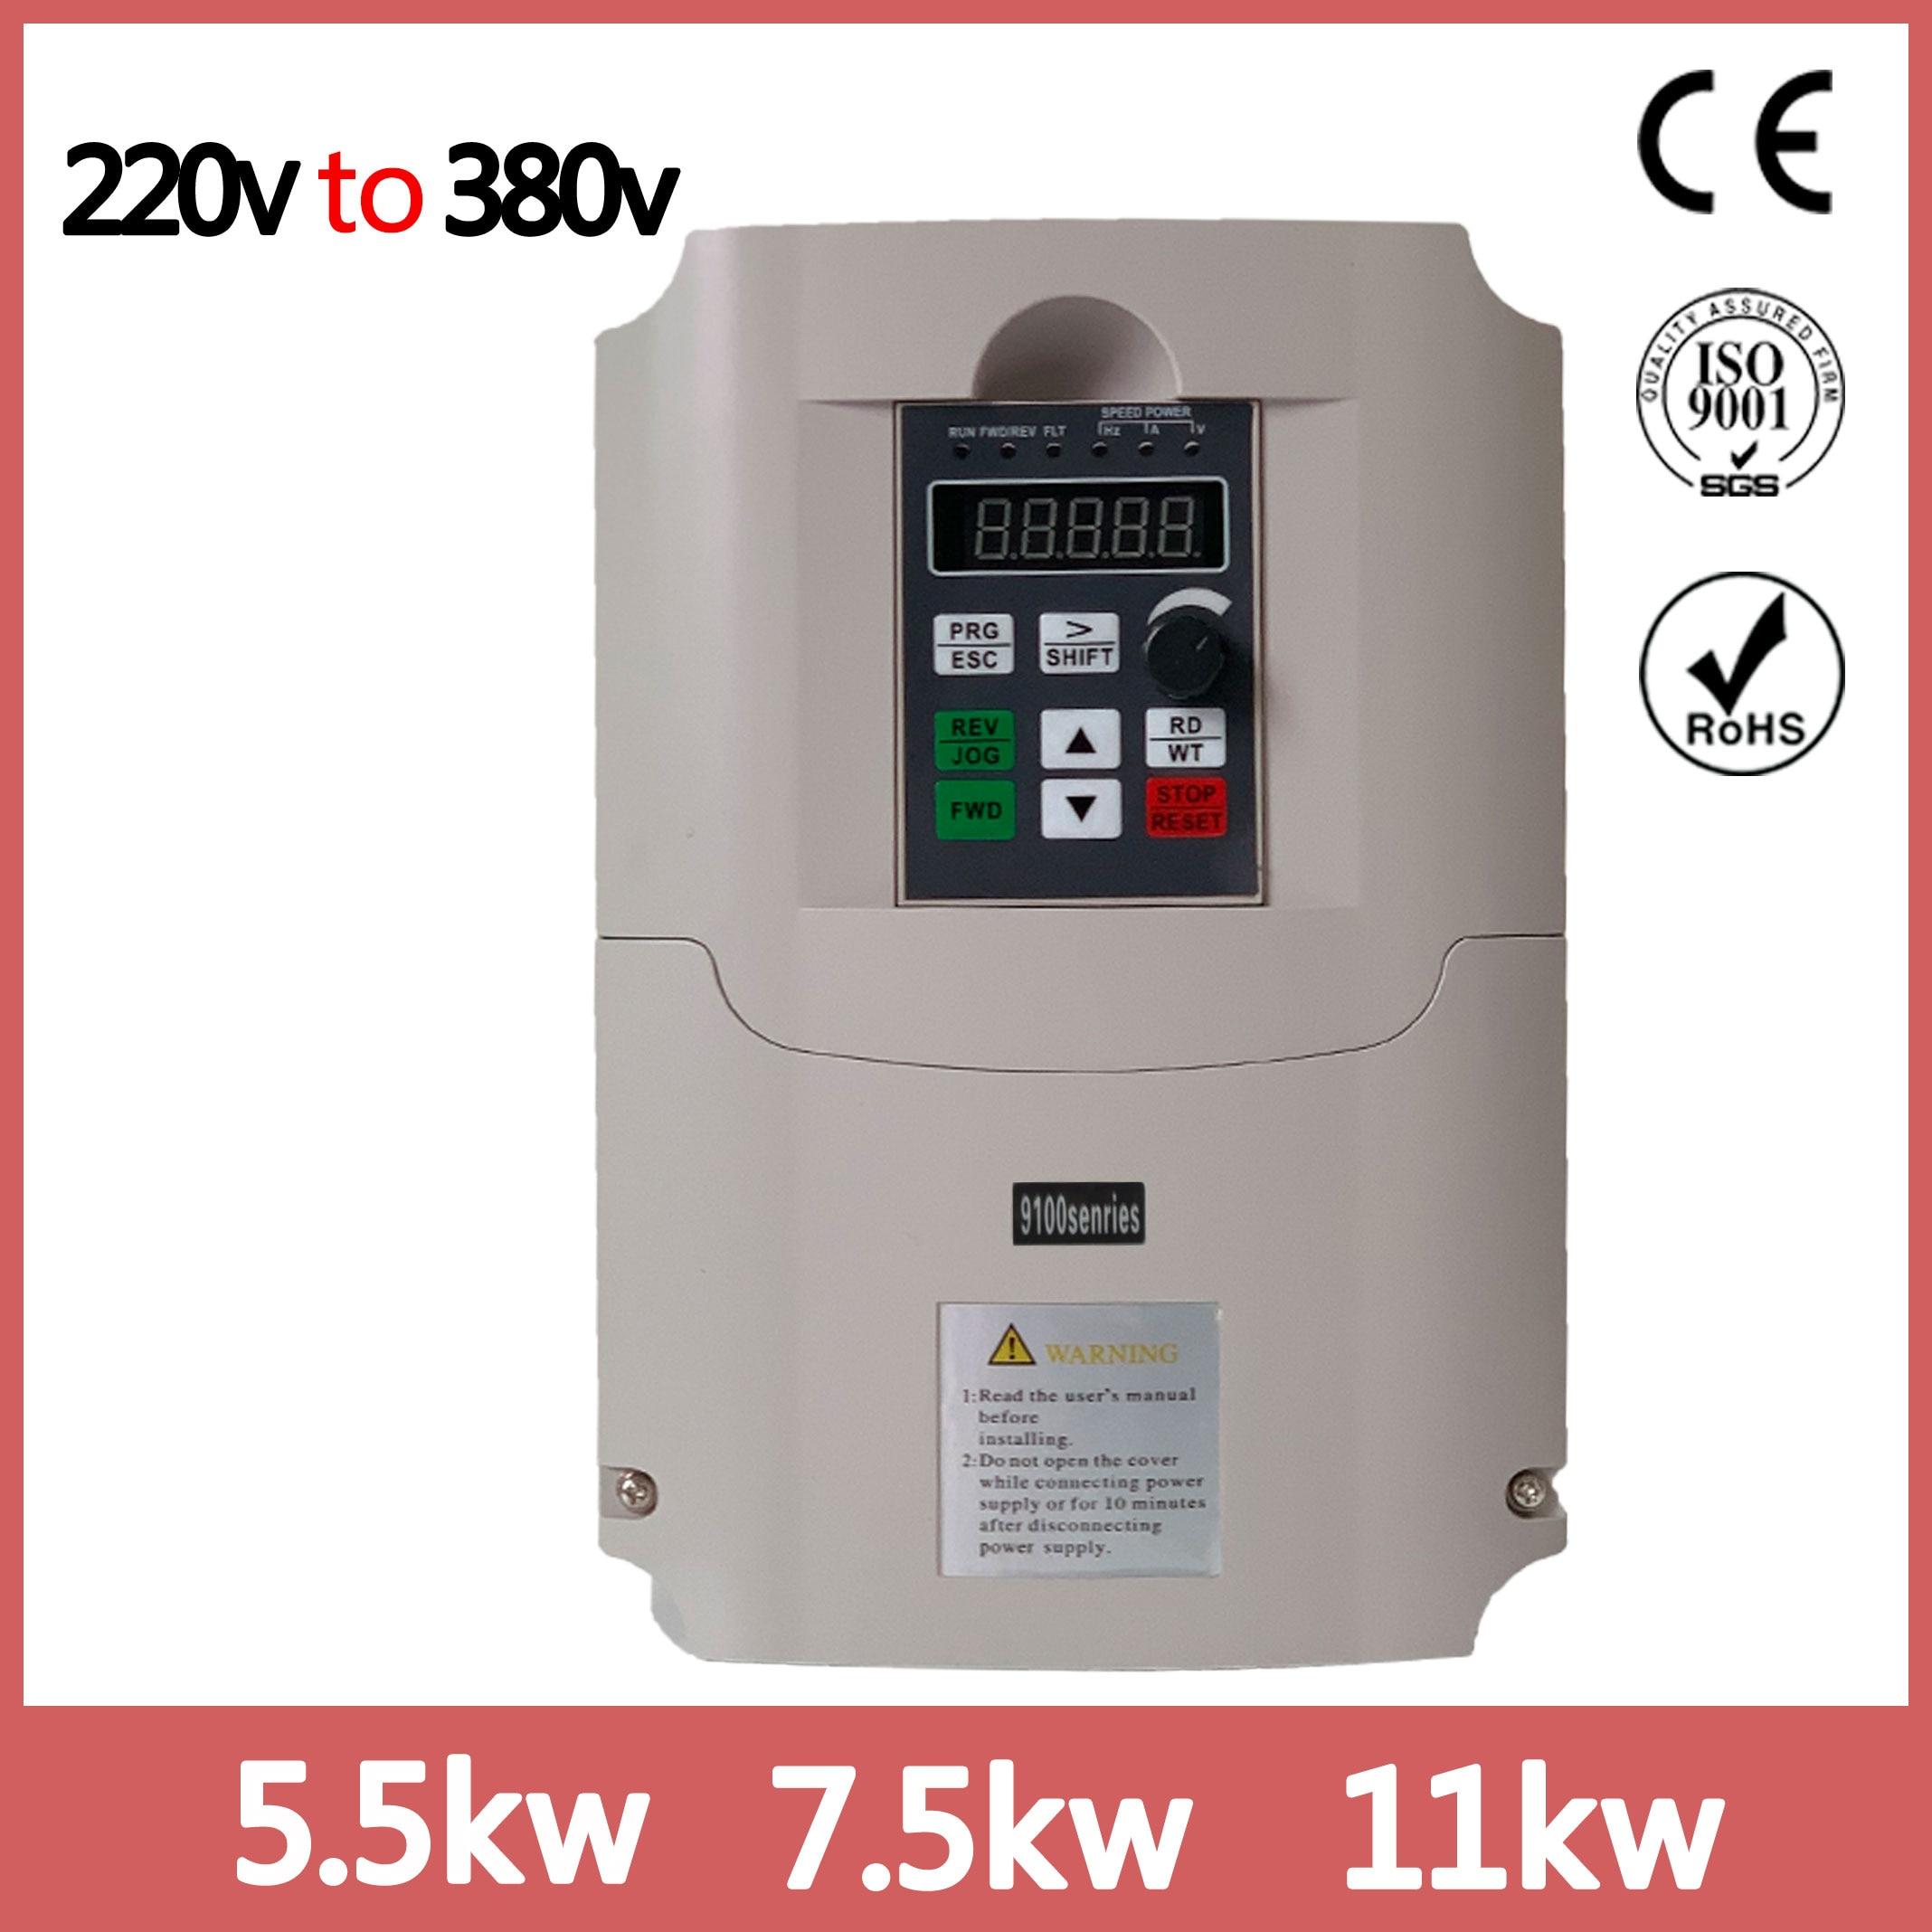 Инвертор VFD 4 кВт 220 кВт 380 кВт 220 В 380 В in и в out, однофазный бытовой электрический вход и реальный трехфазный выход в